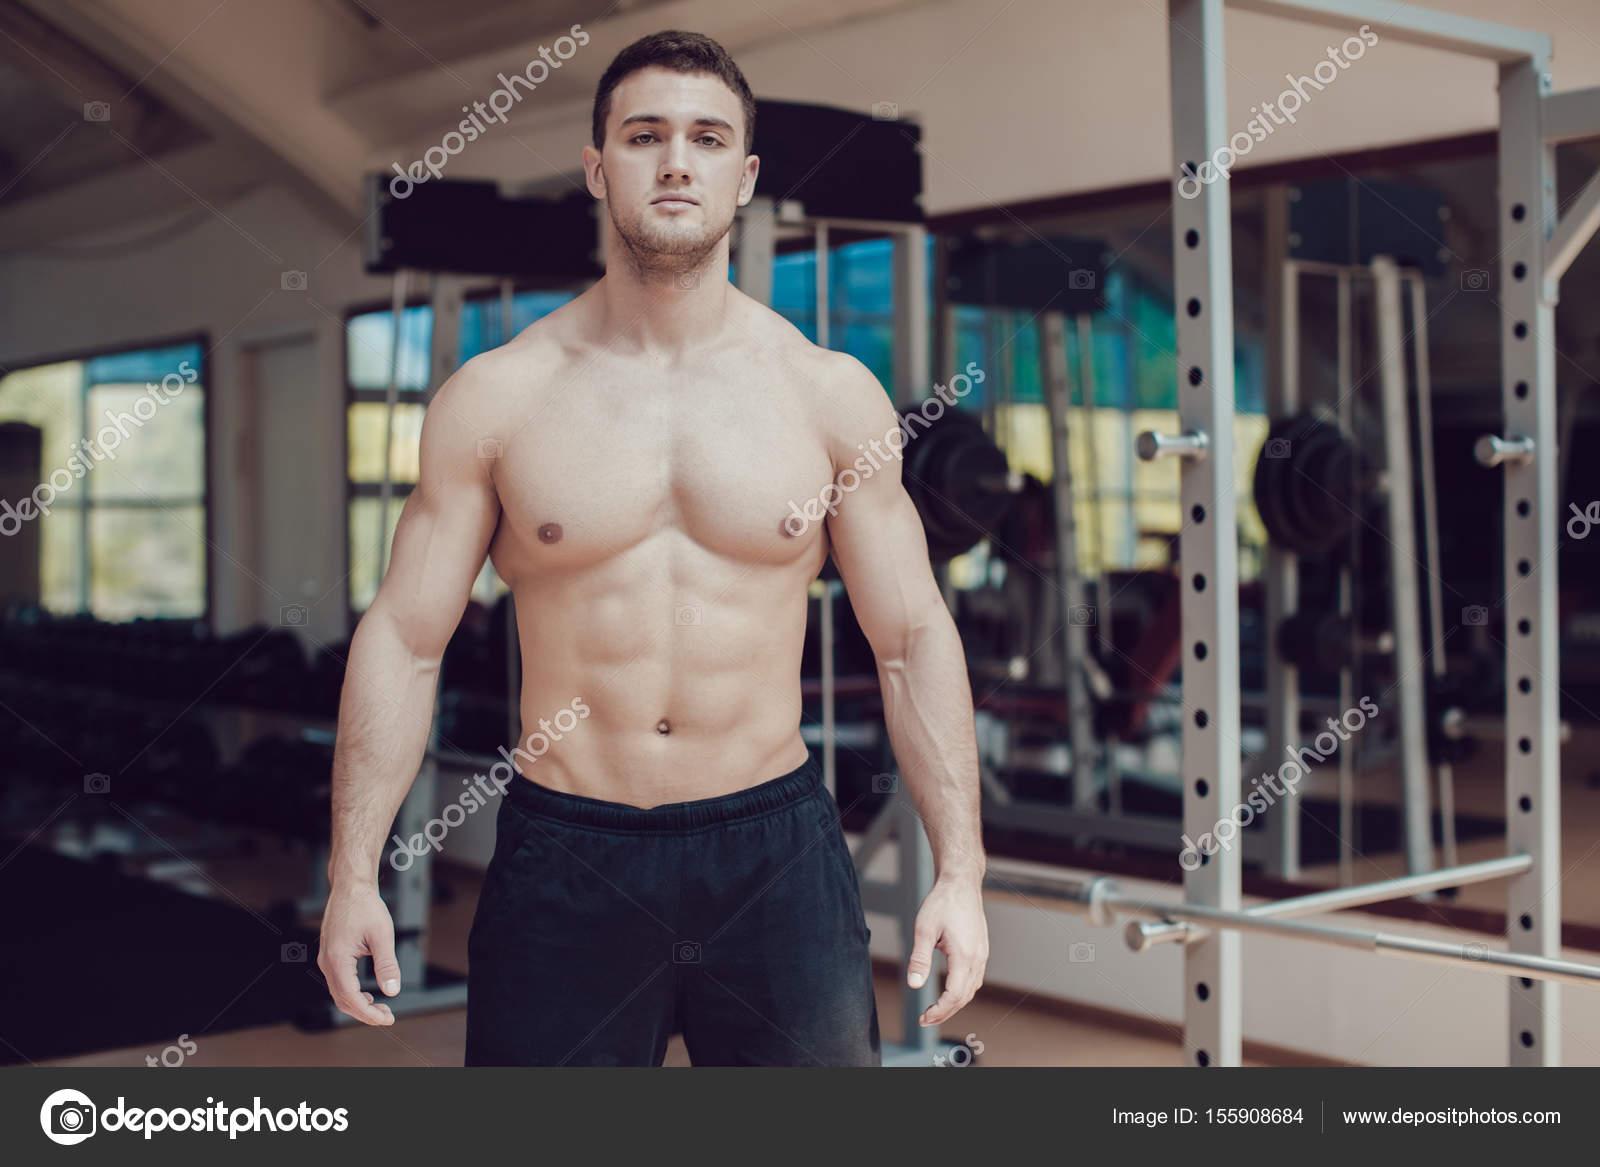 Σέξι αρσενικό γυμνό μοντέλα